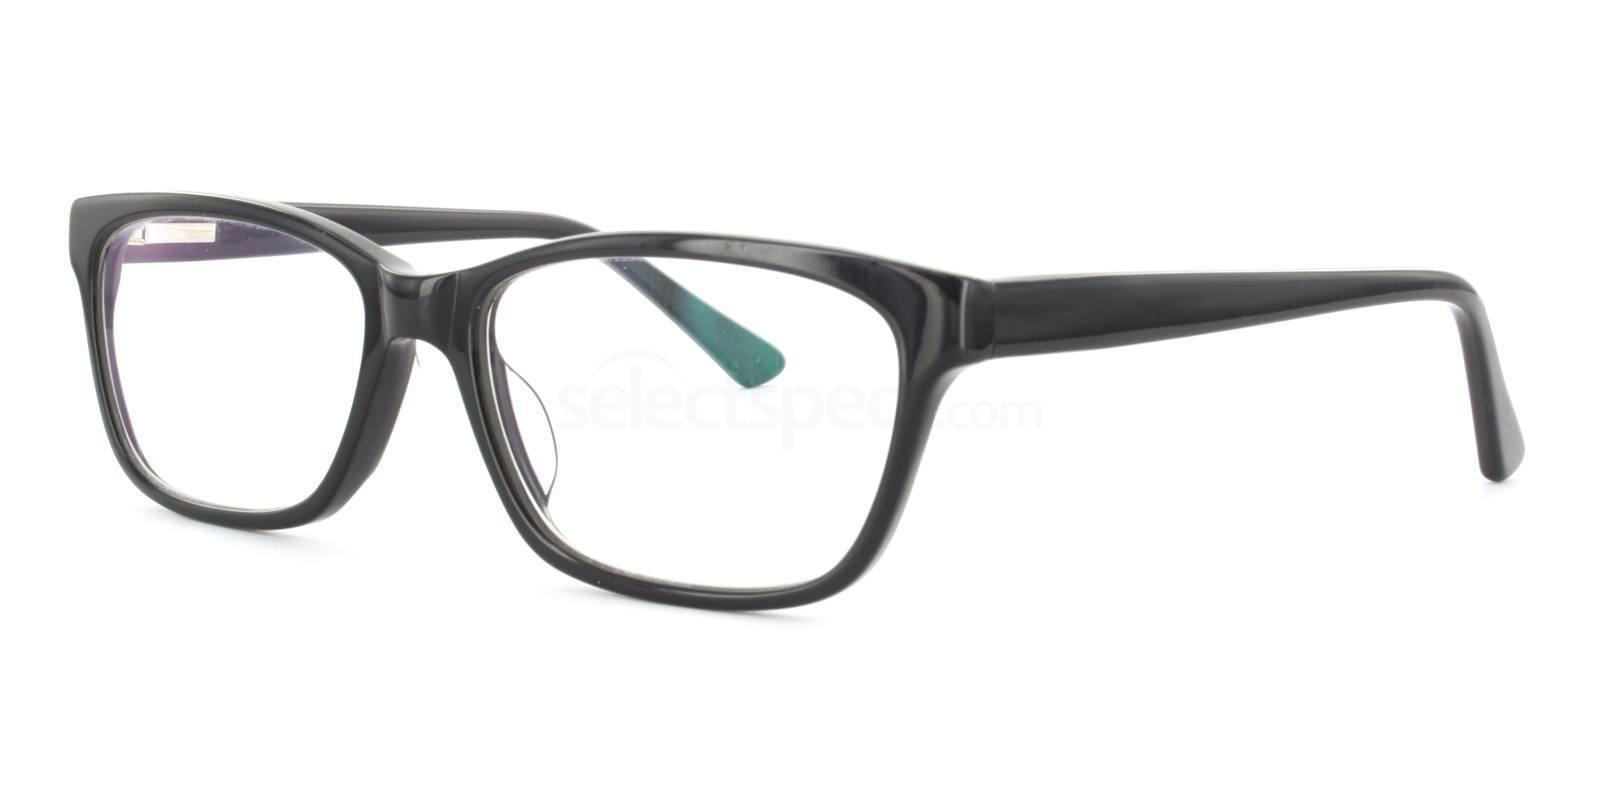 C1 A6668 Glasses, Infinity